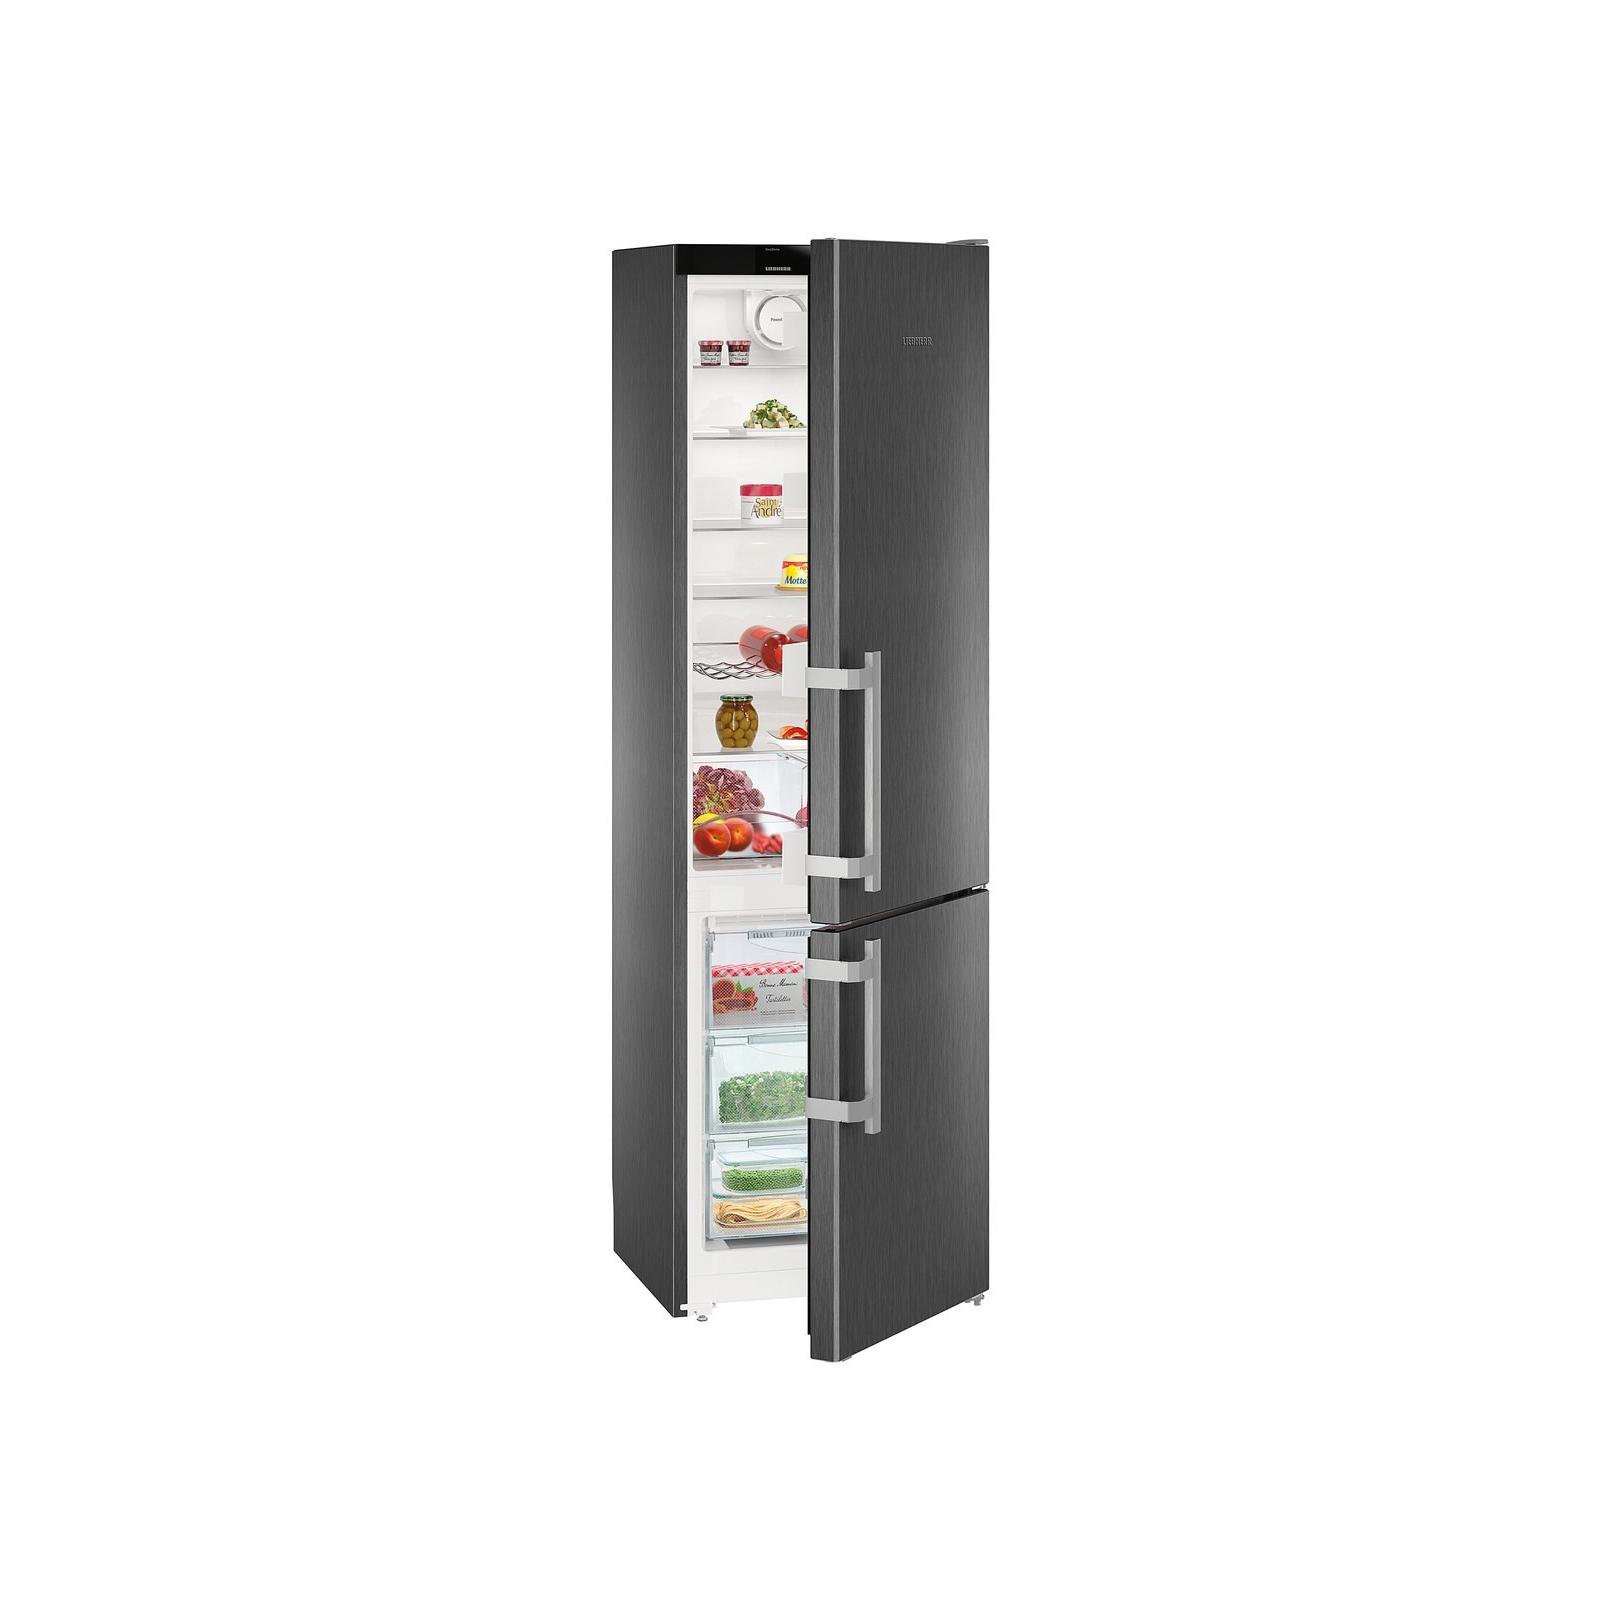 Холодильник Liebherr CNbs 4015 изображение 4